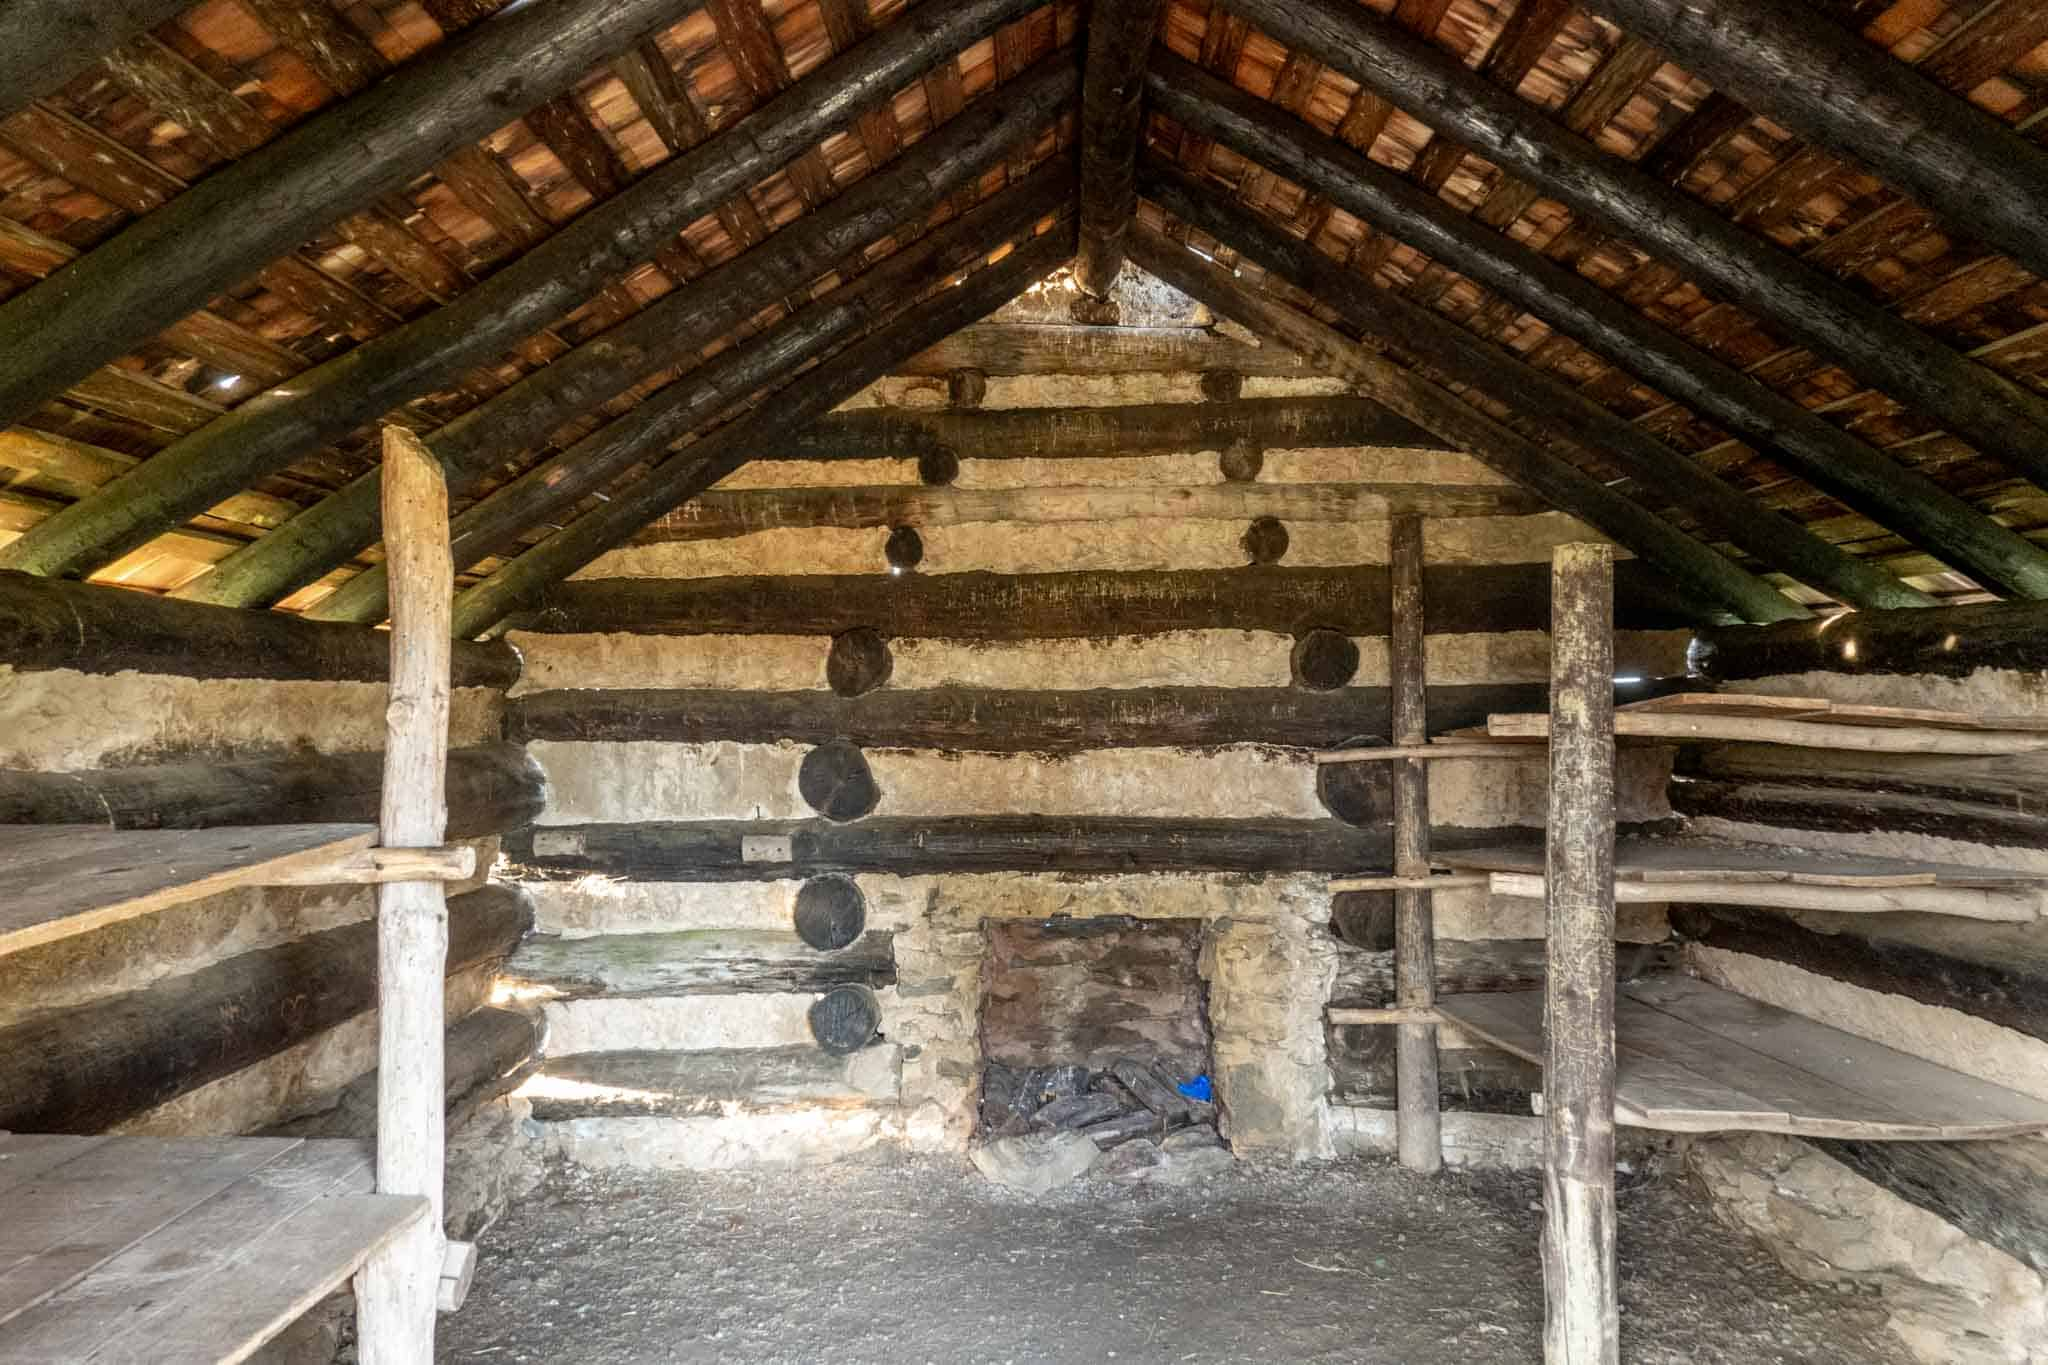 Bunks inside Revolutionary War cabin